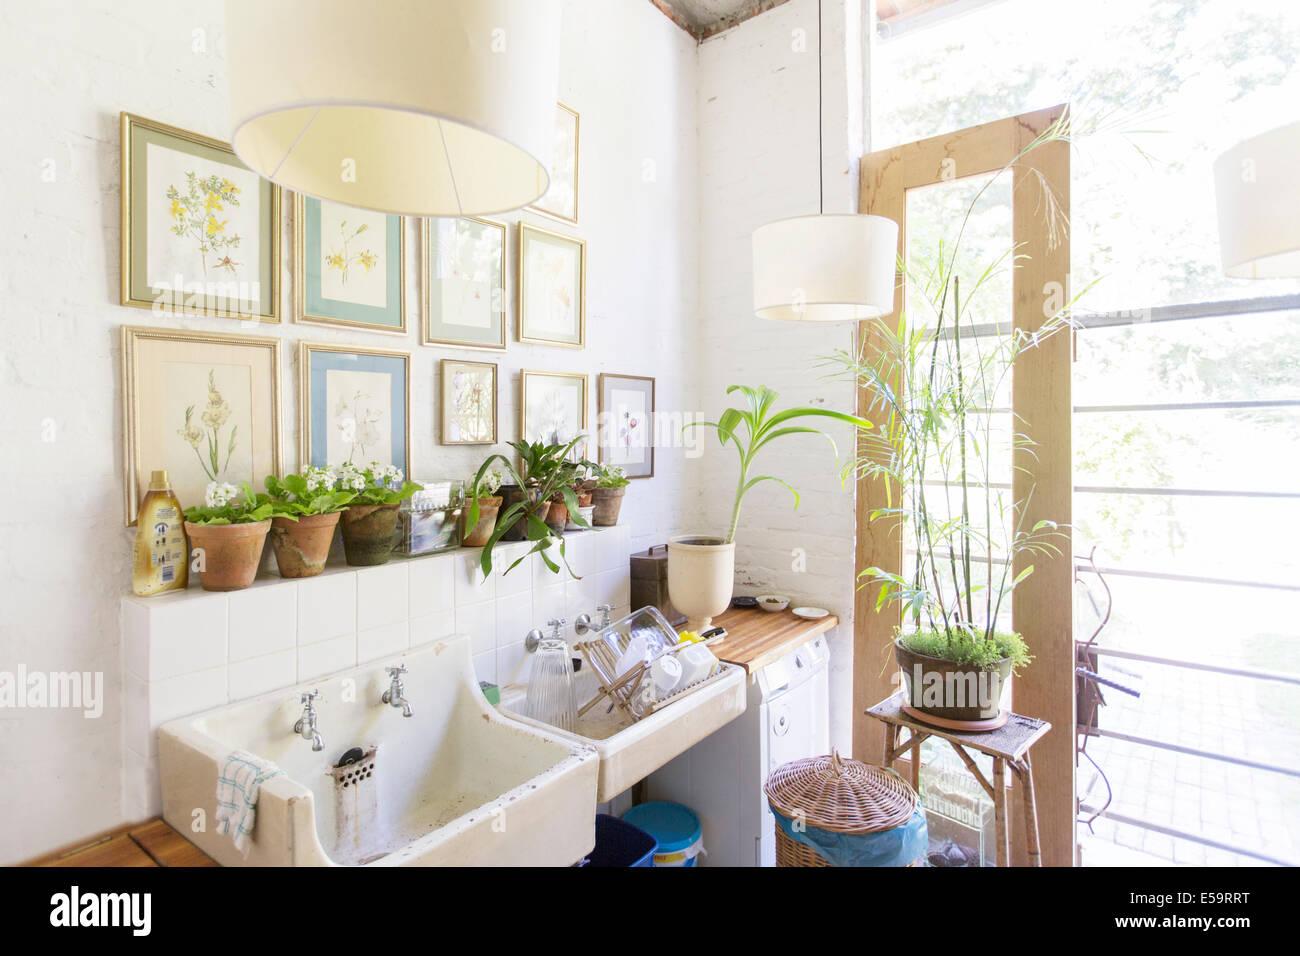 Des tentures et des lumières sur l'évier de cuisine rustique Photo Stock